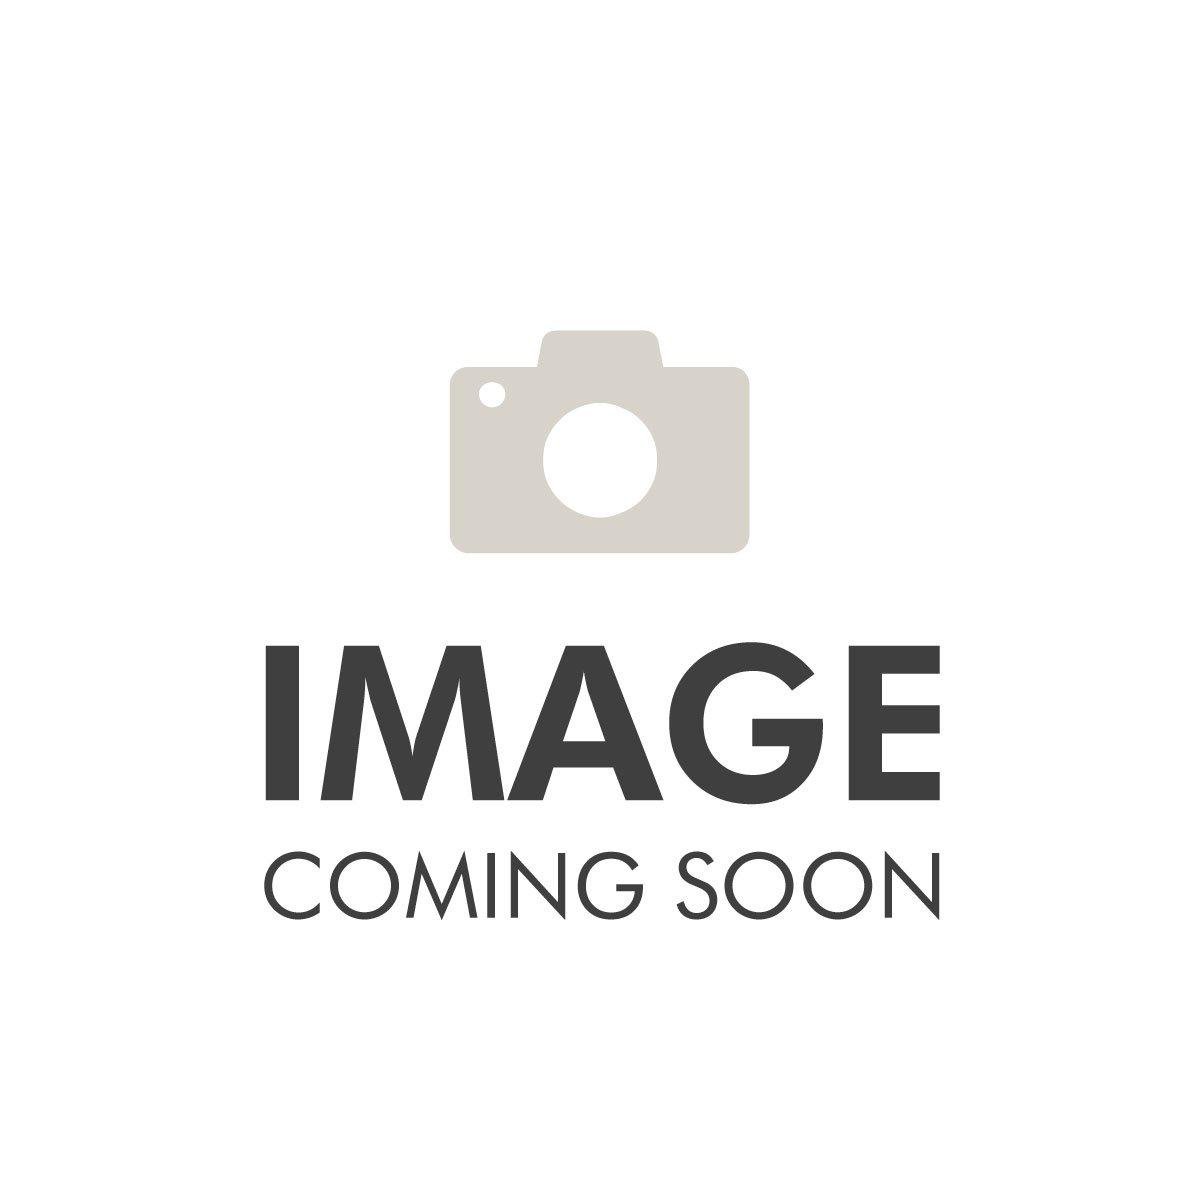 Allstar - Pointe de fleuret complète - Titane